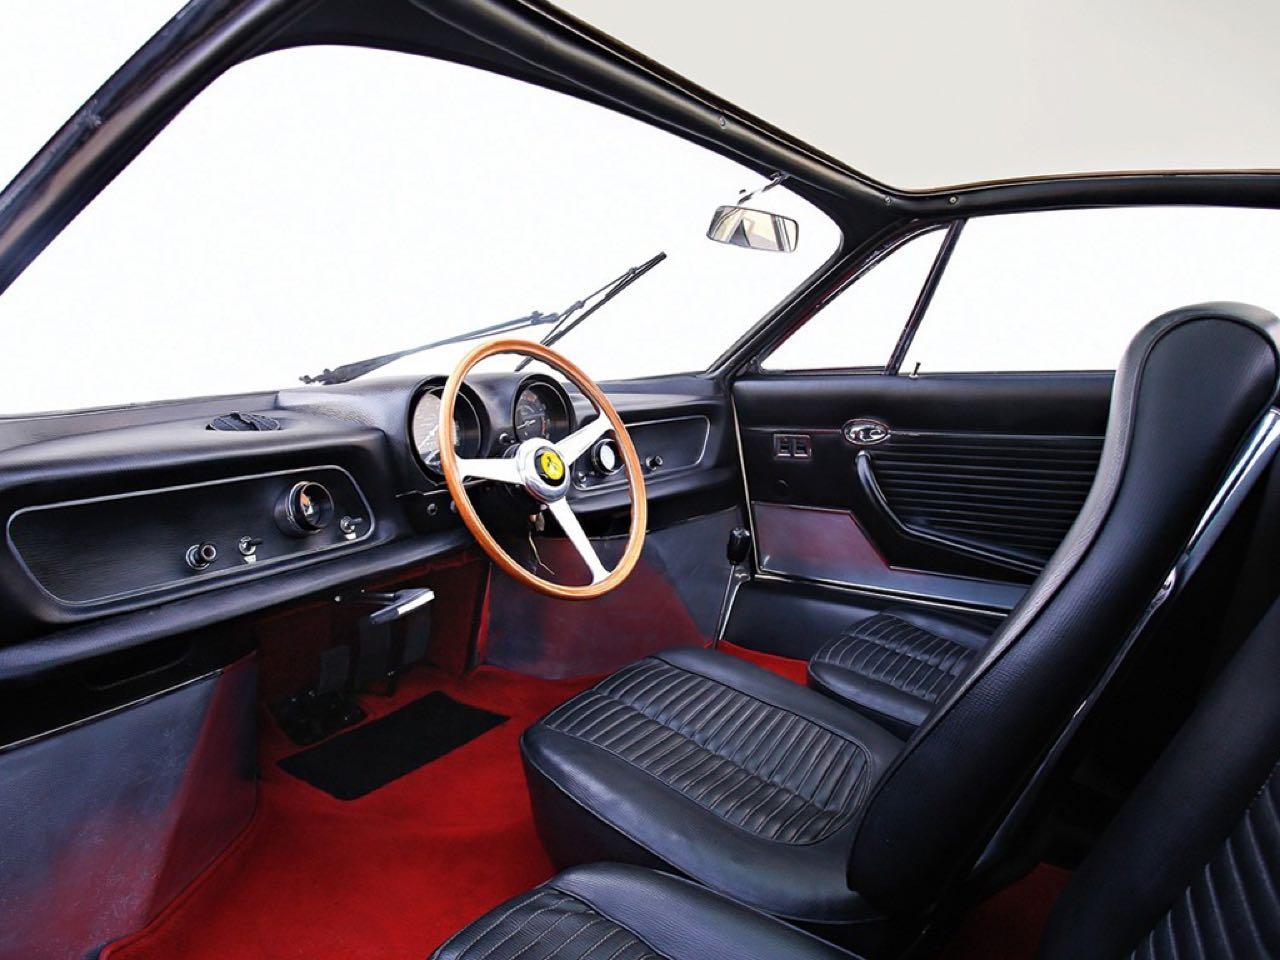 """'66 Ferrari 365 P Berlinetta Speciale - """"Tre Posti"""" V12 ! 53"""